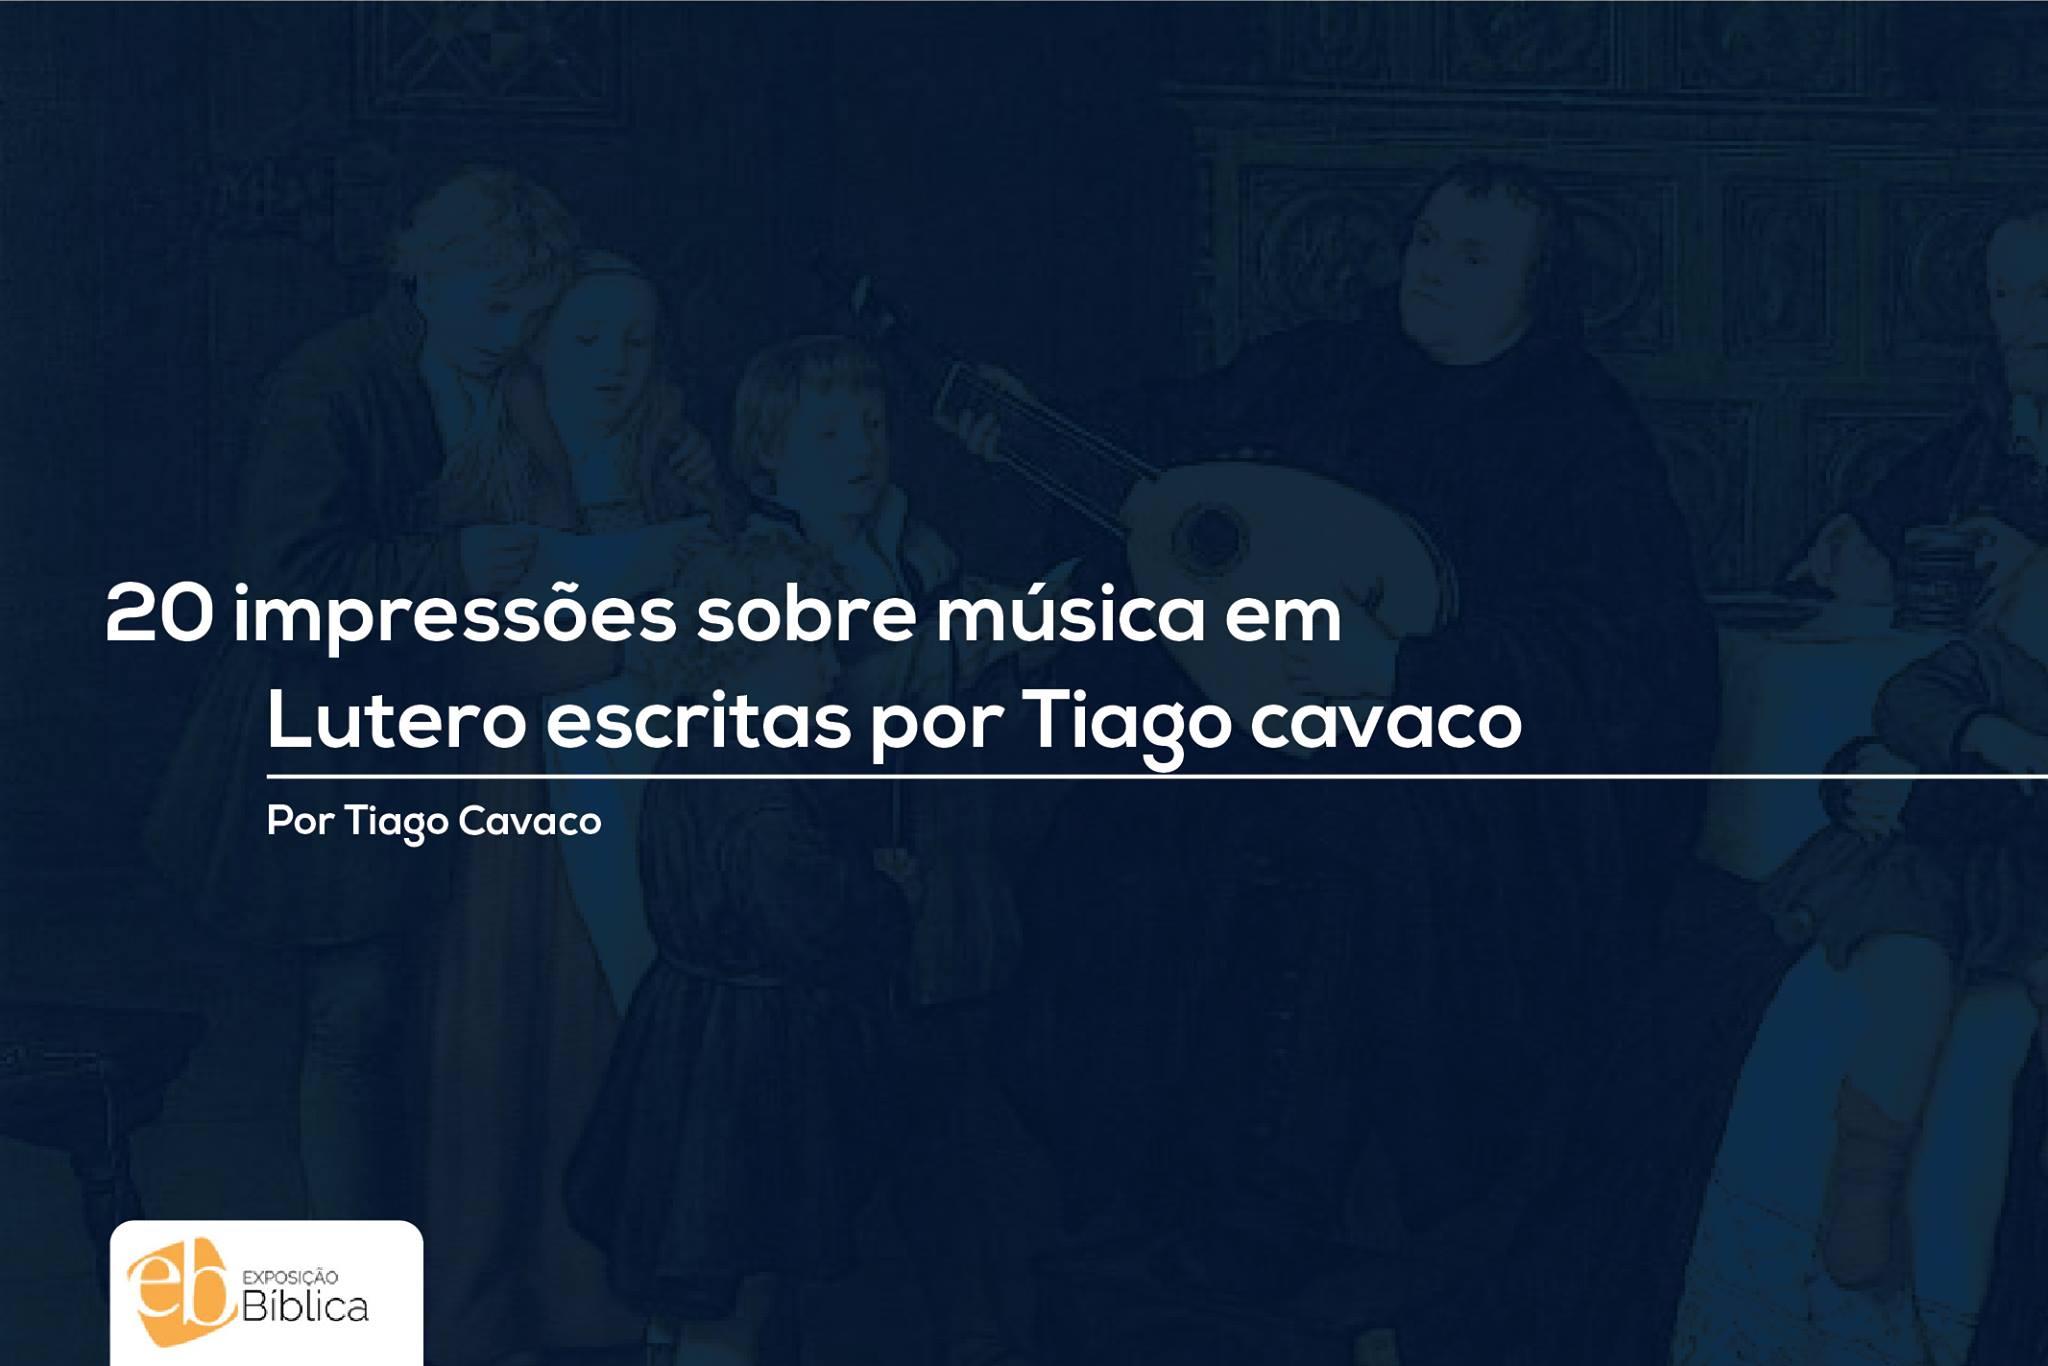 20 impressões sobre música em Lutero